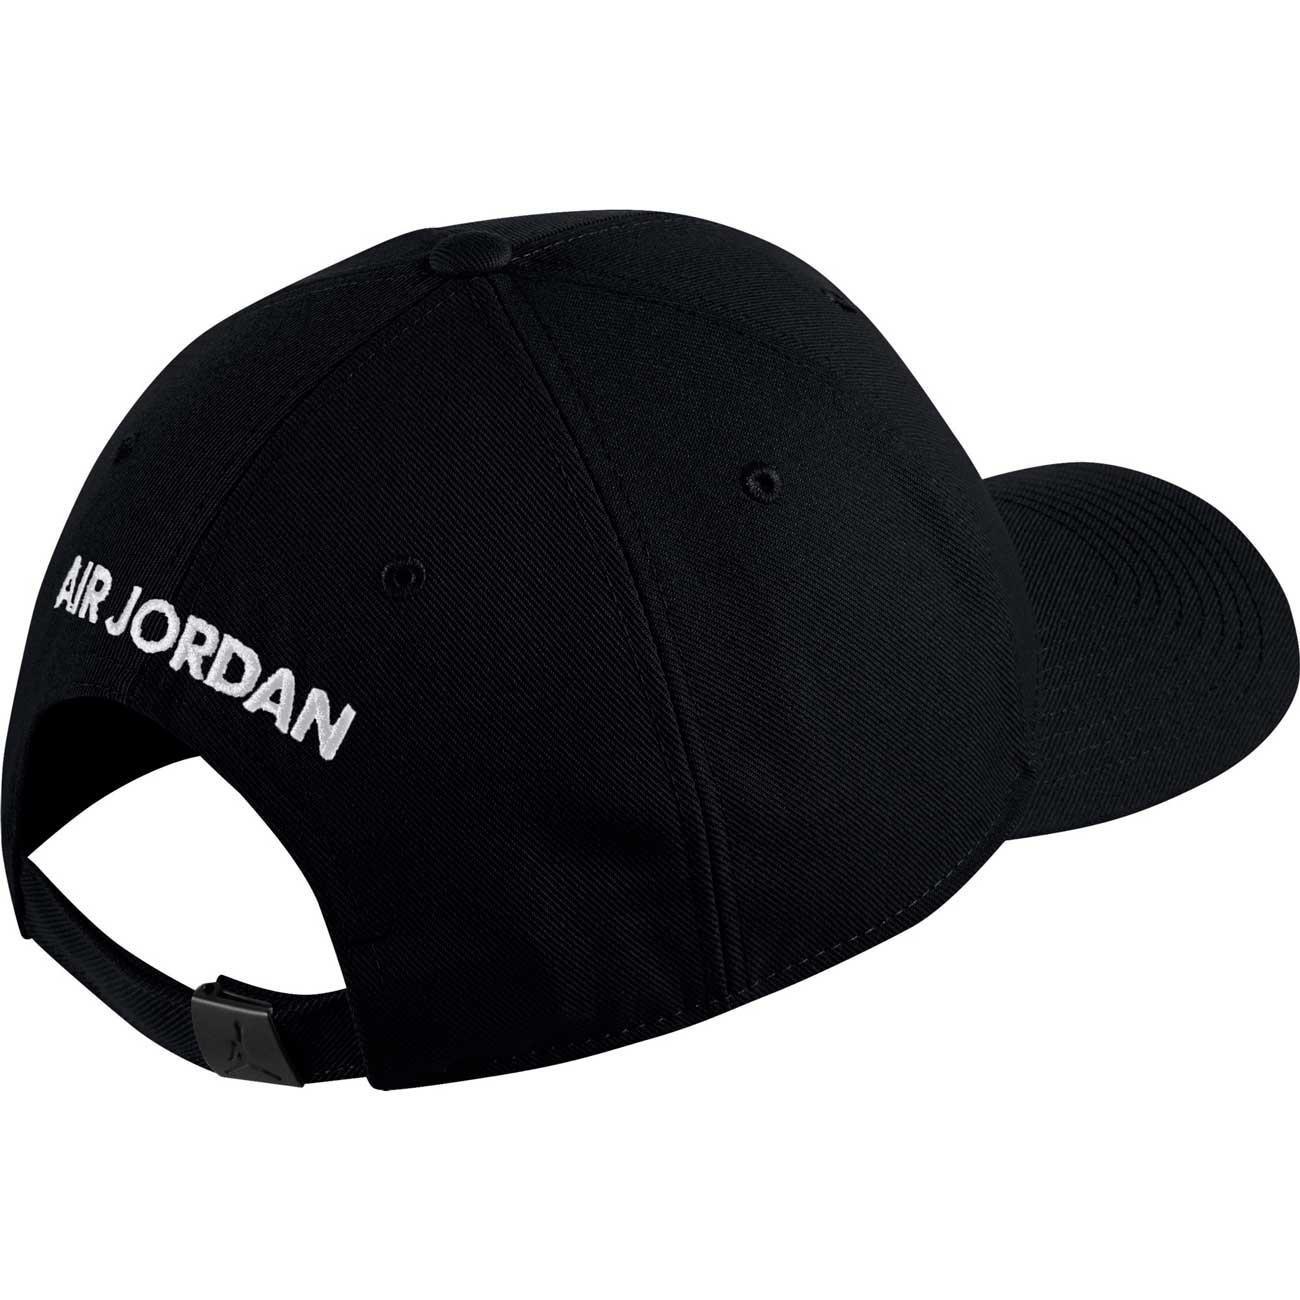 Nike Gorra Jordan Unisex U: Amazon.es: Ropa y accesorios